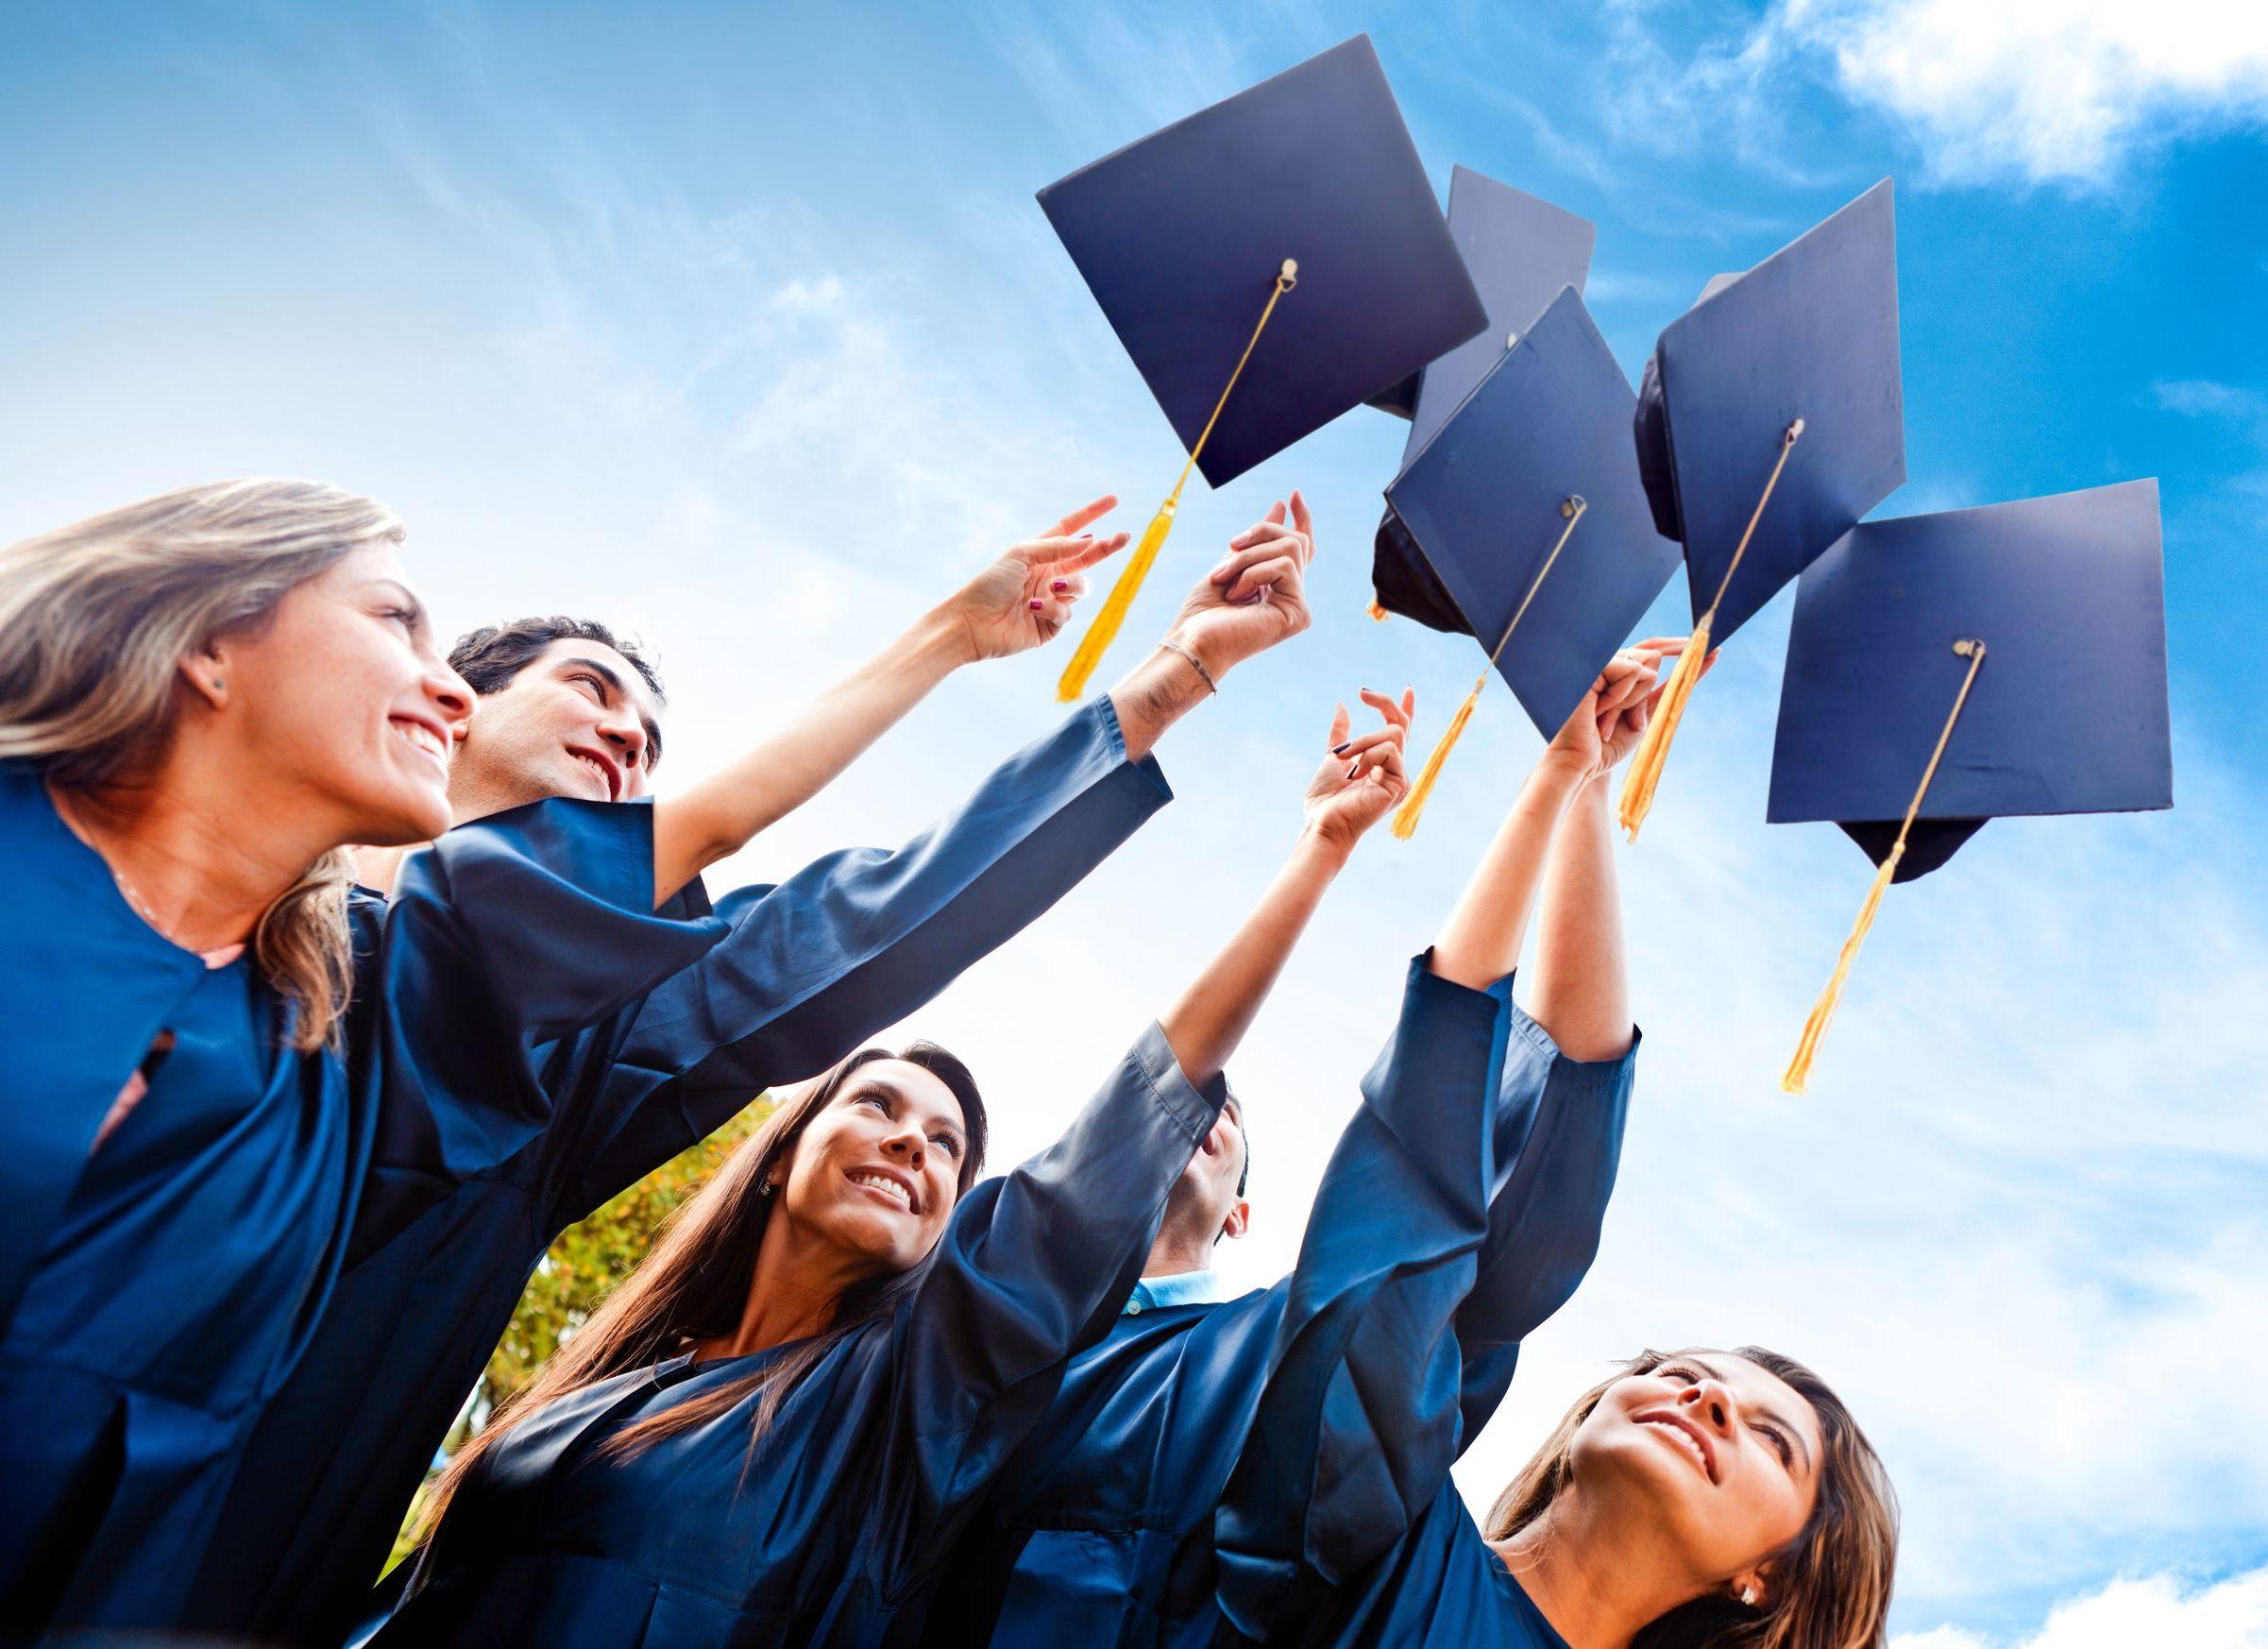 10 suy nghĩ cản trở bạn đến với học bổng du học (P.1)